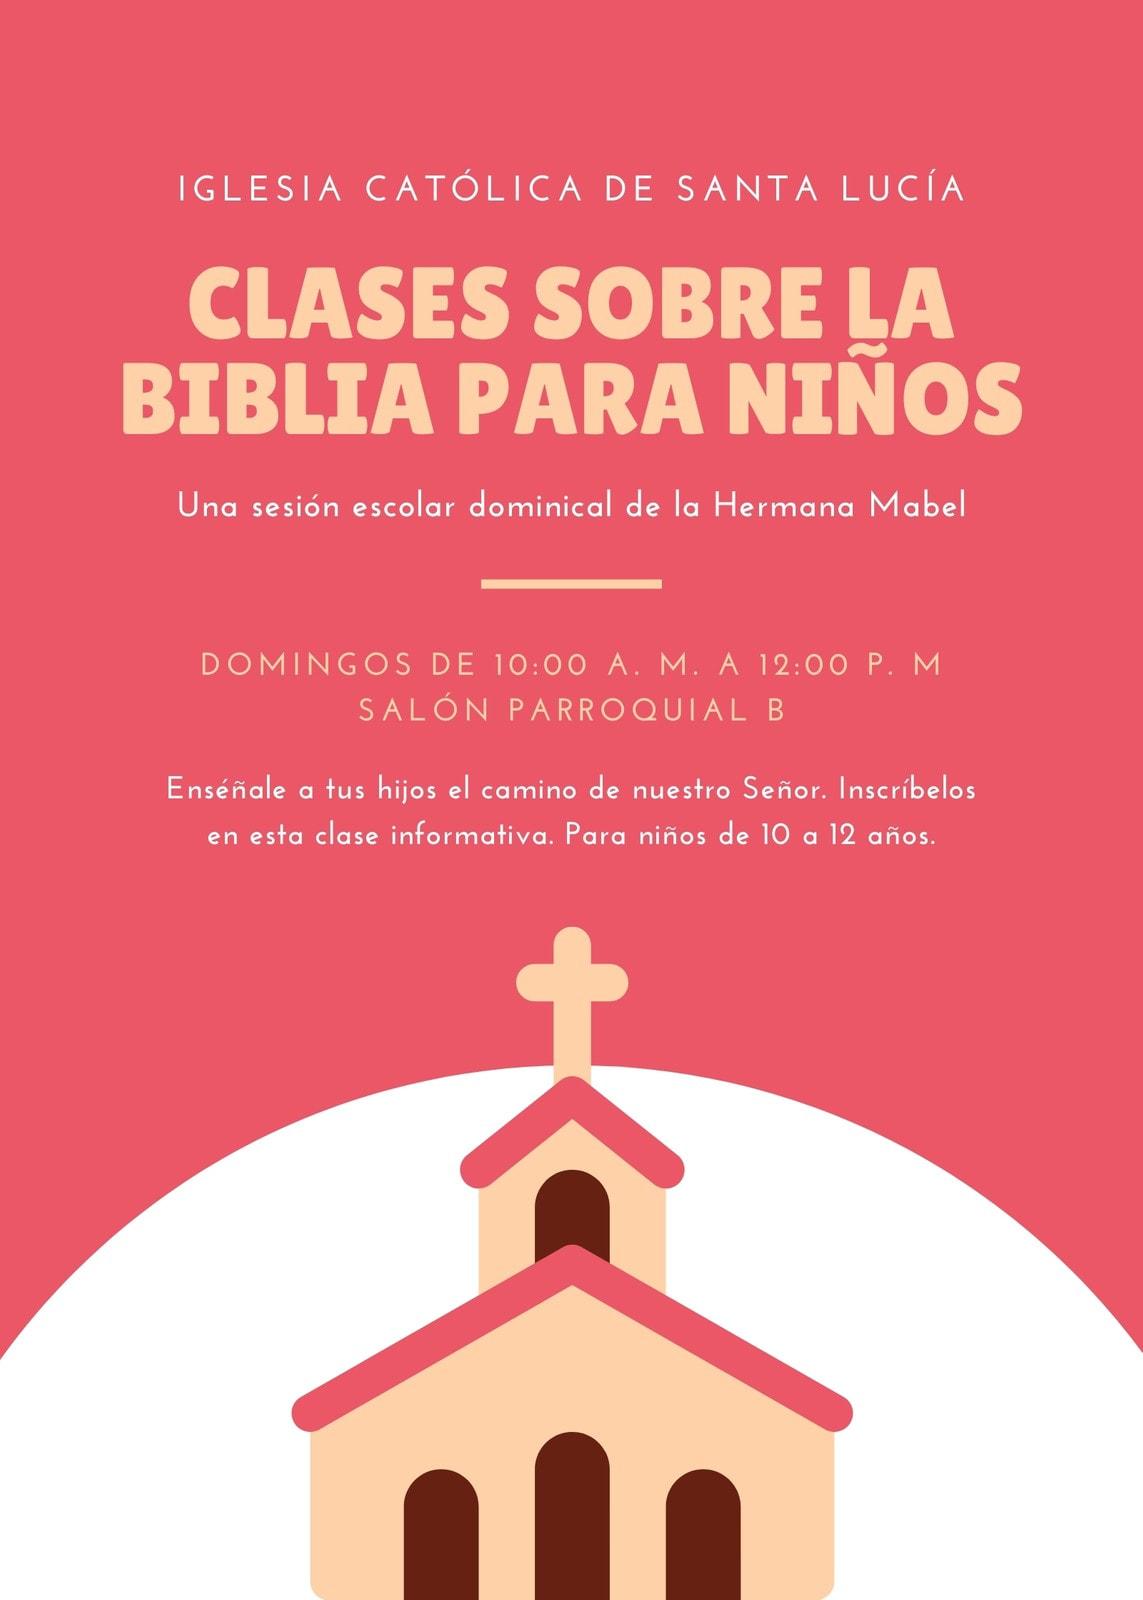 Rojo Escuela de Domingo Volante de Iglesia